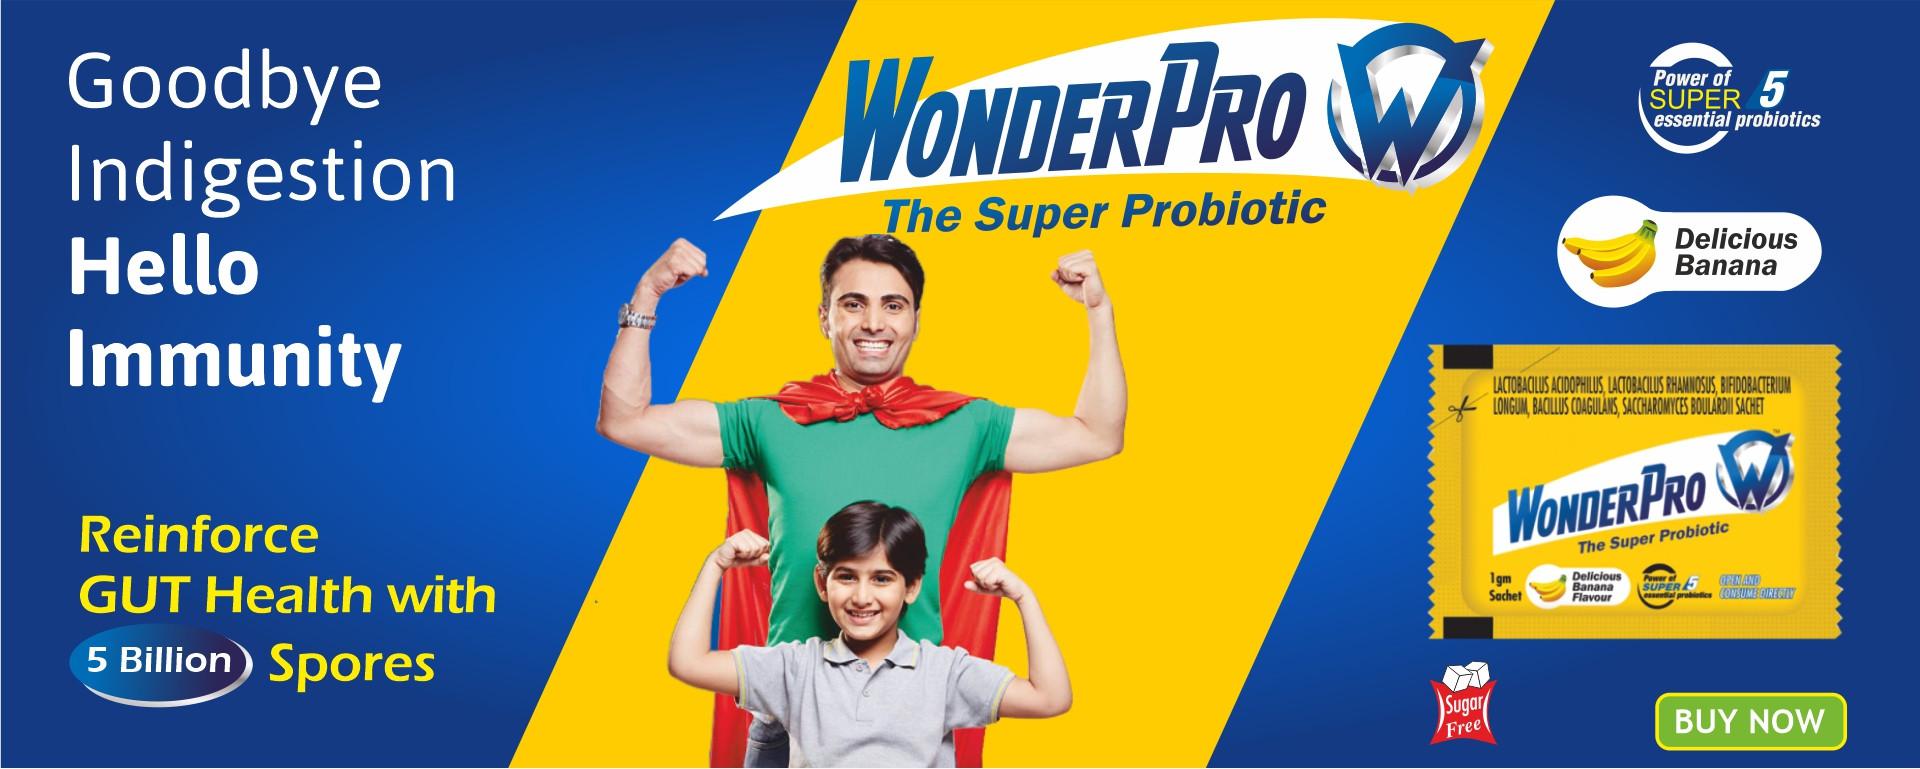 Wonderpro probiotic.jpg